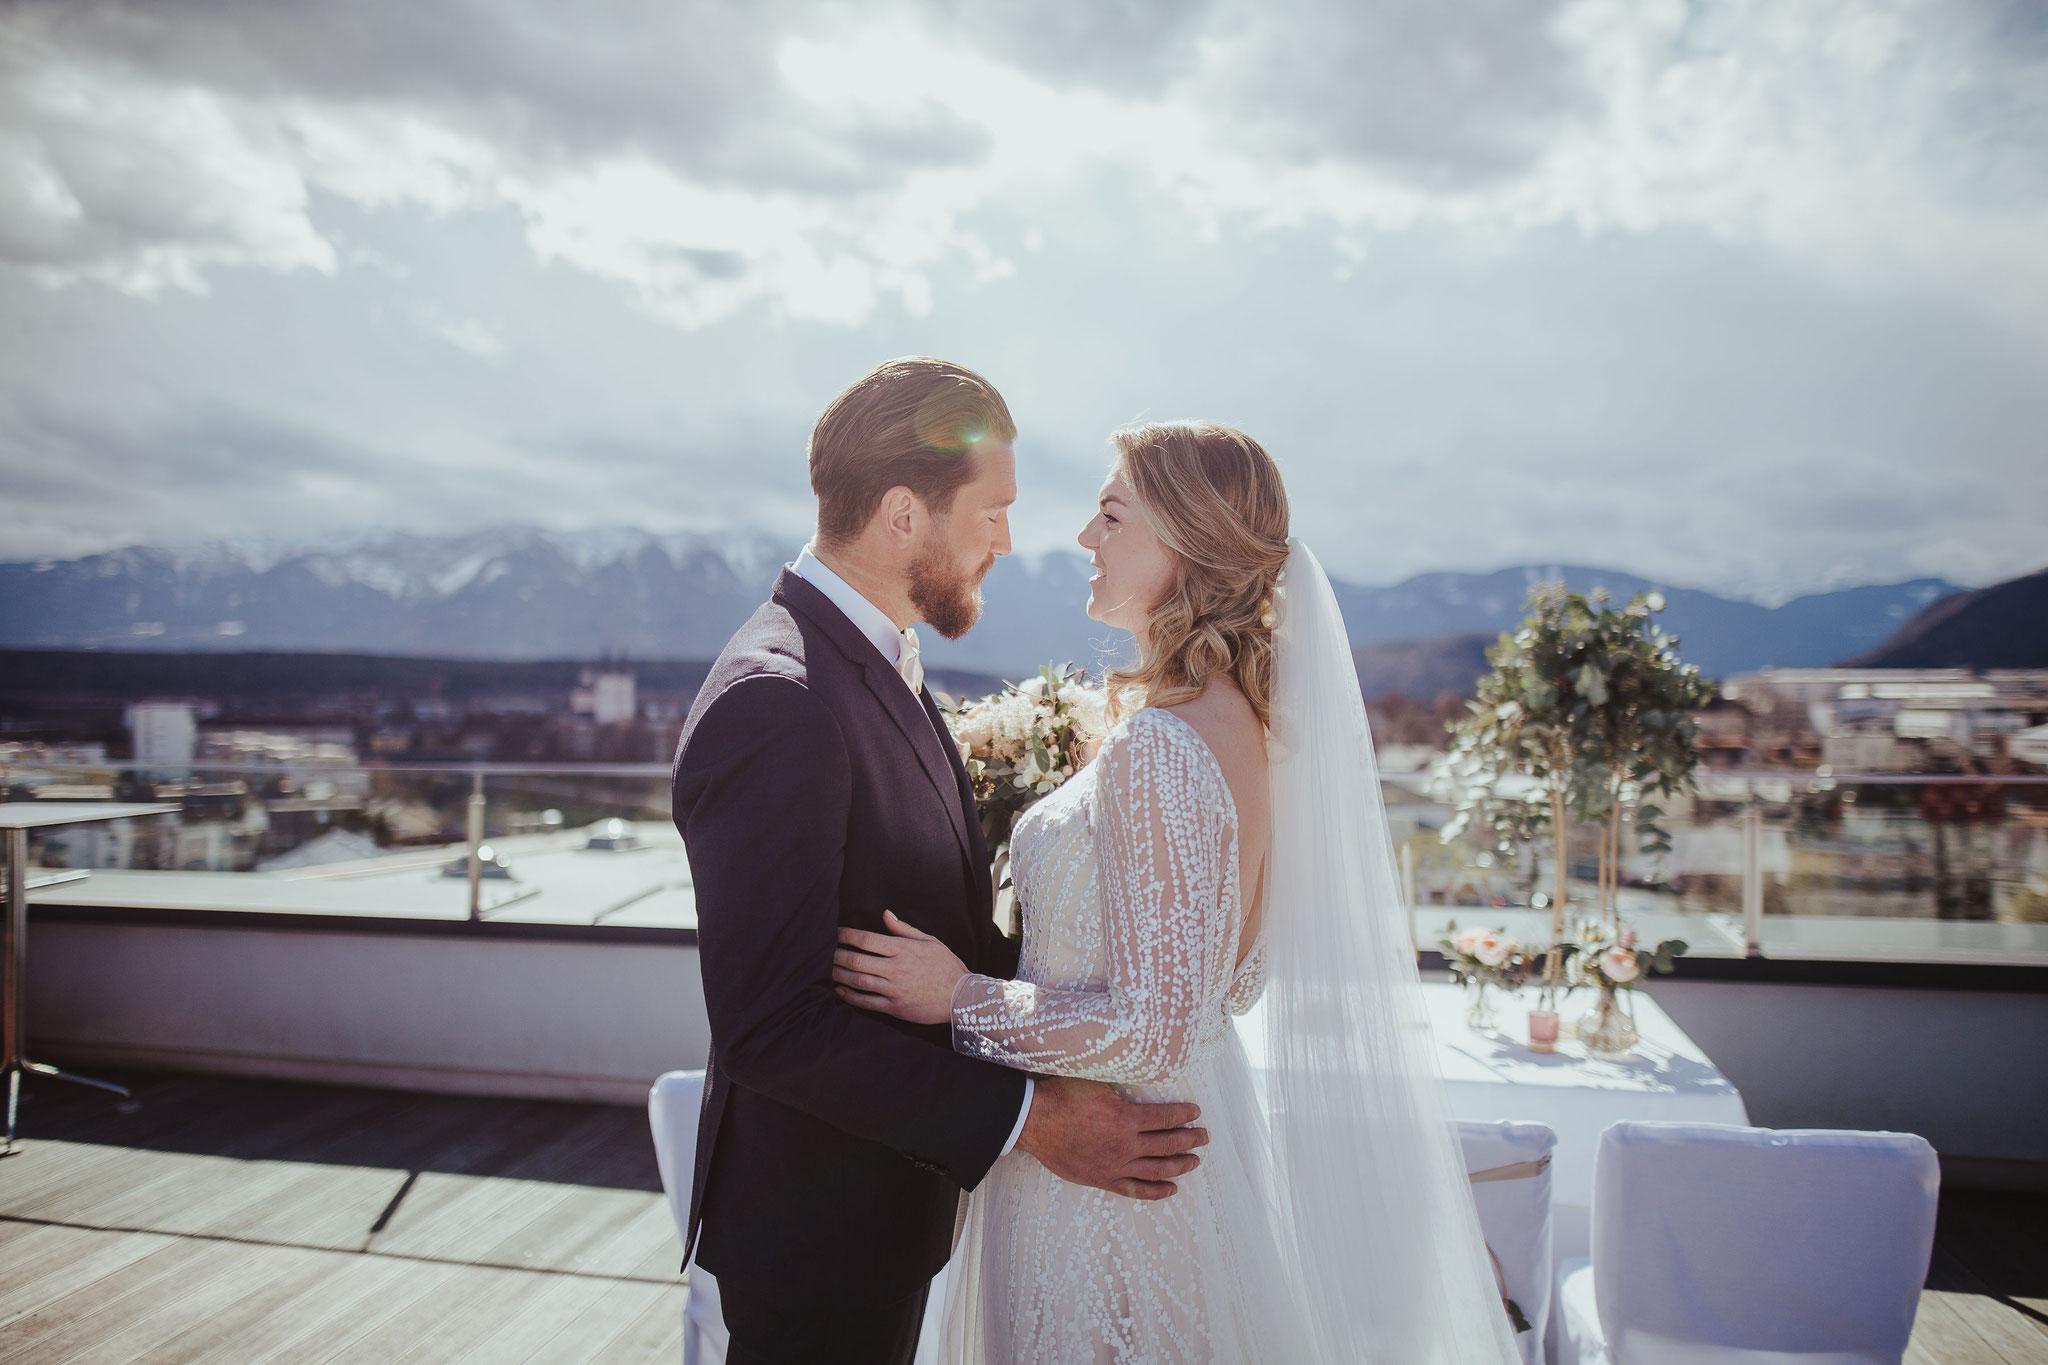 Brautpaar auf der Dcachterasse - © Christina Supanz